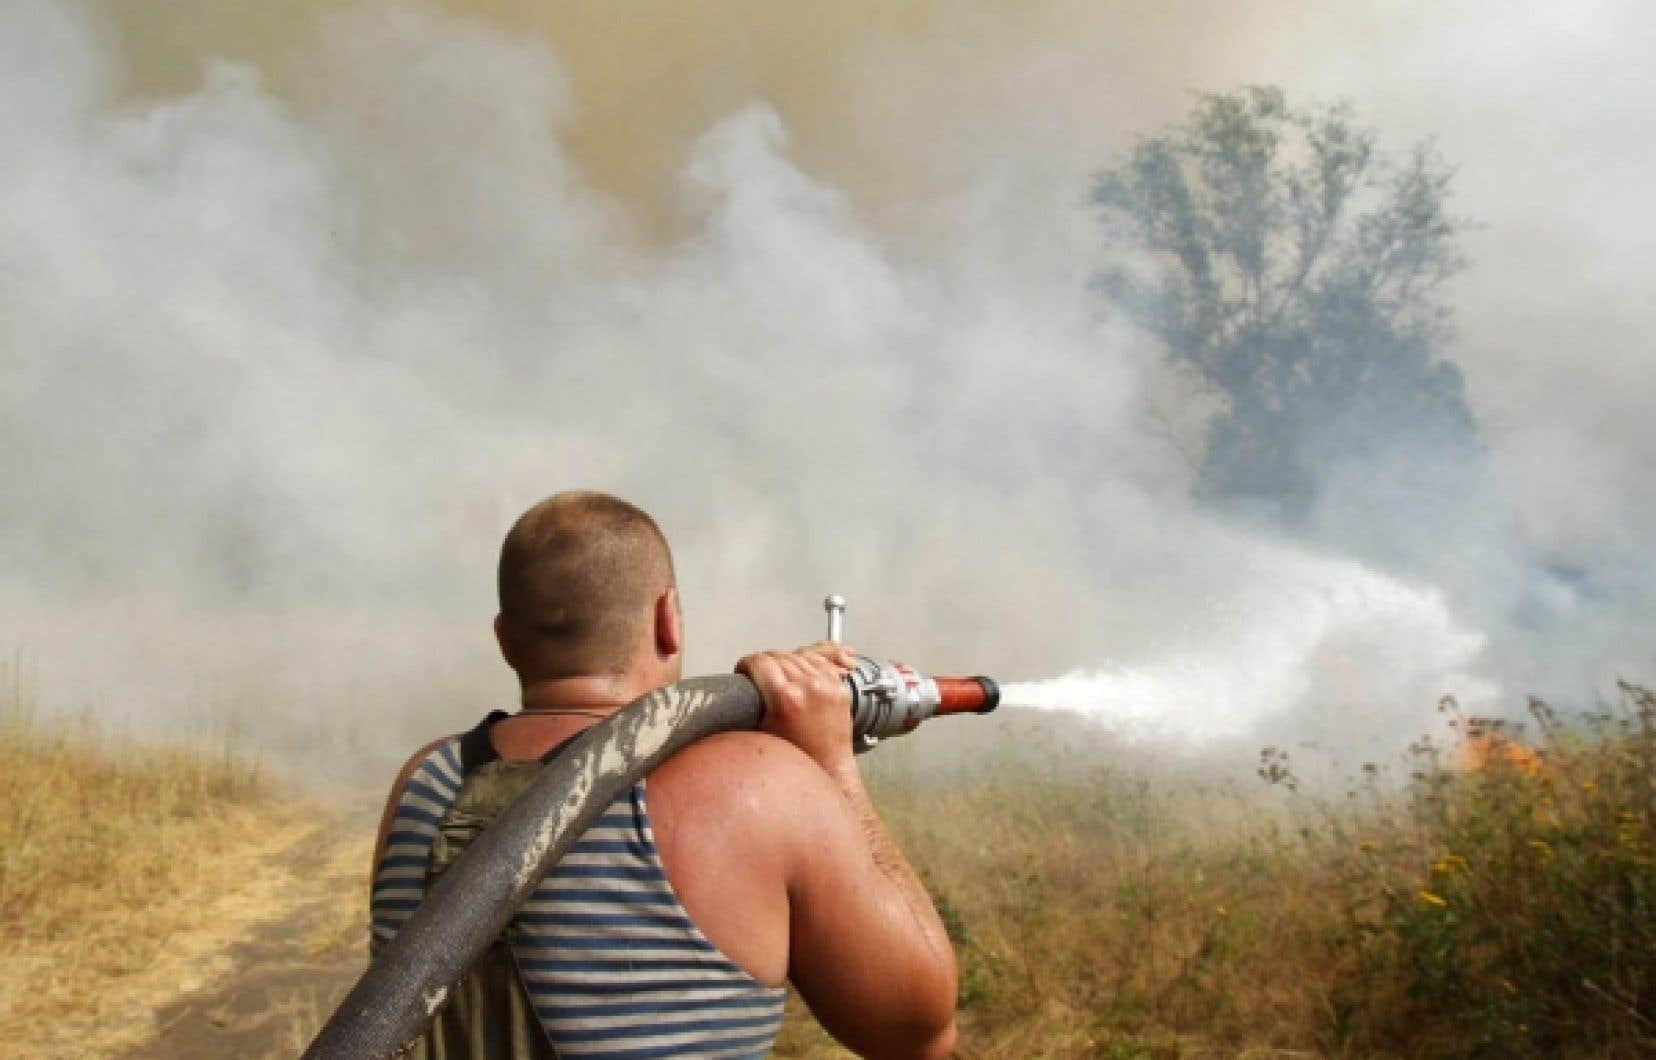 Les incendies de forêt continuaient de faire rage dimanche sur environ 45 000 hectares. Des tourbières continuaient également de se consumer dans la région de Moscou.